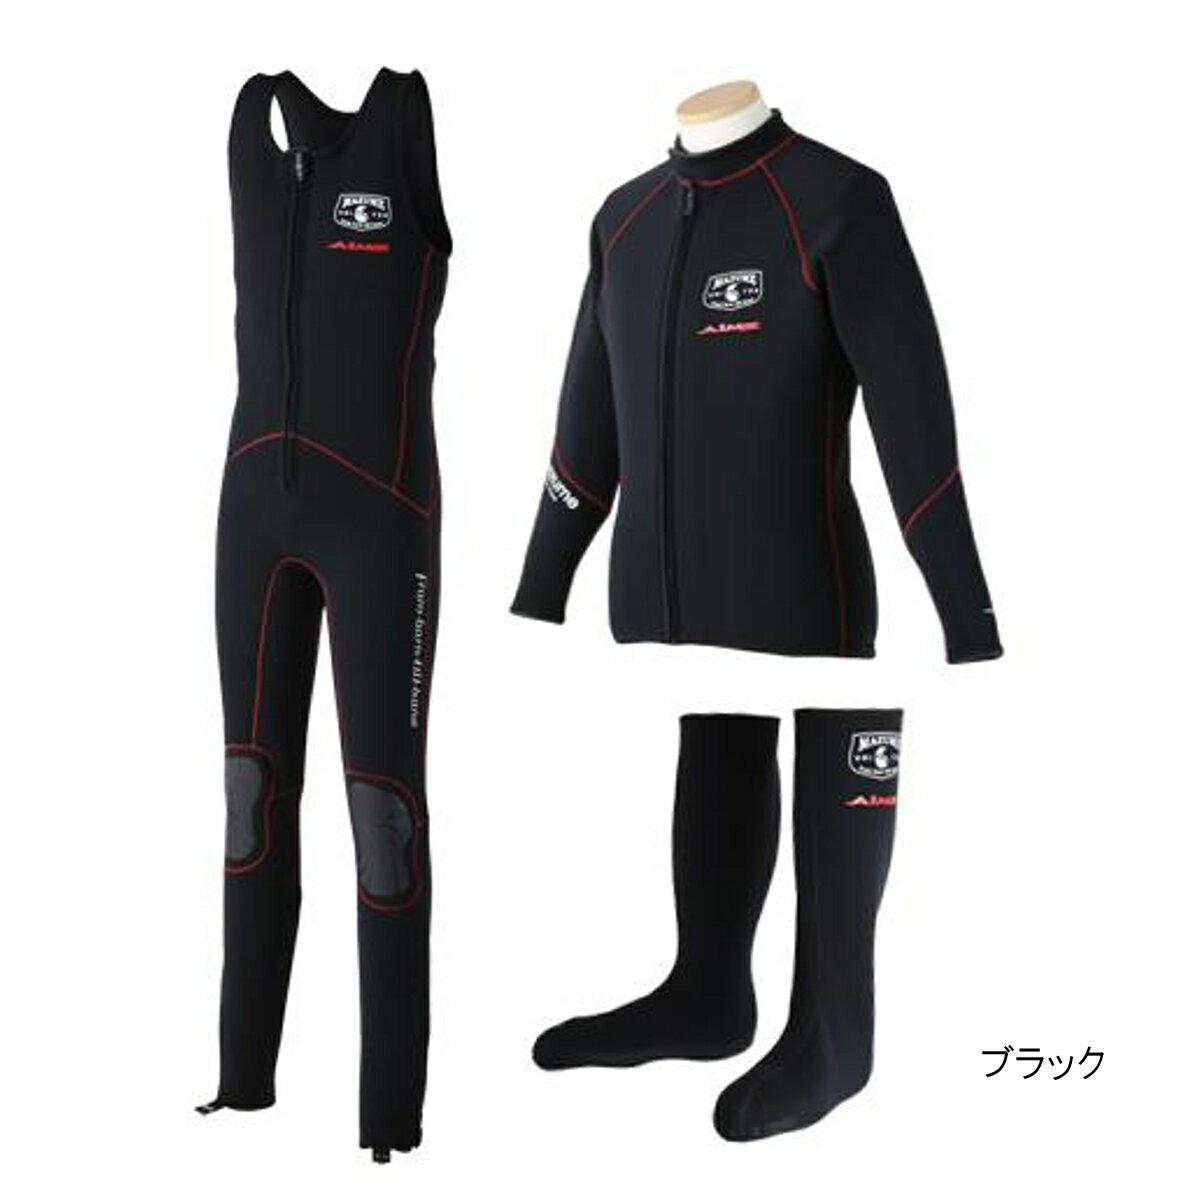 マズメ×エイムス ウェットスーツ3点セット MZWS-320 LL ブラック【送料無料】